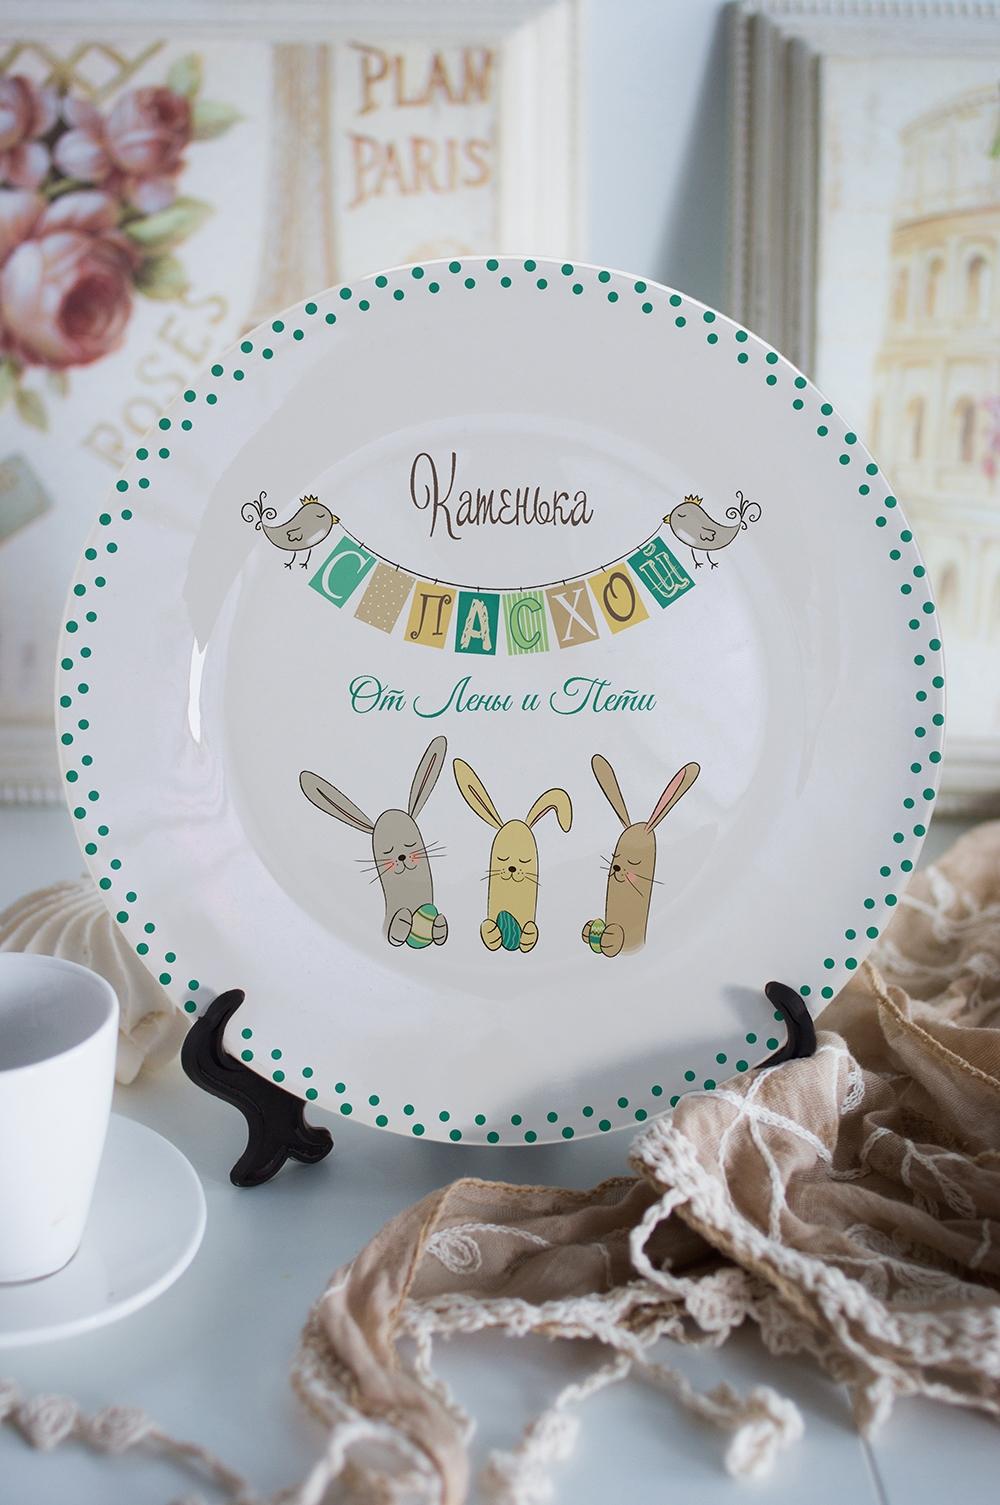 Тарелка декоративная с вашим текстом C Пасхой!Тарелки и блюда<br>Подарите необыкновенный сувенир с индивидуальной надписью и именем – такая декоративная тарелка станет эксклюзивным украшением для интерьера и незабываемым подарком! Выберите понравившийся фон, впишите любимую фразу, имя получателя. Диаметр 20см<br>